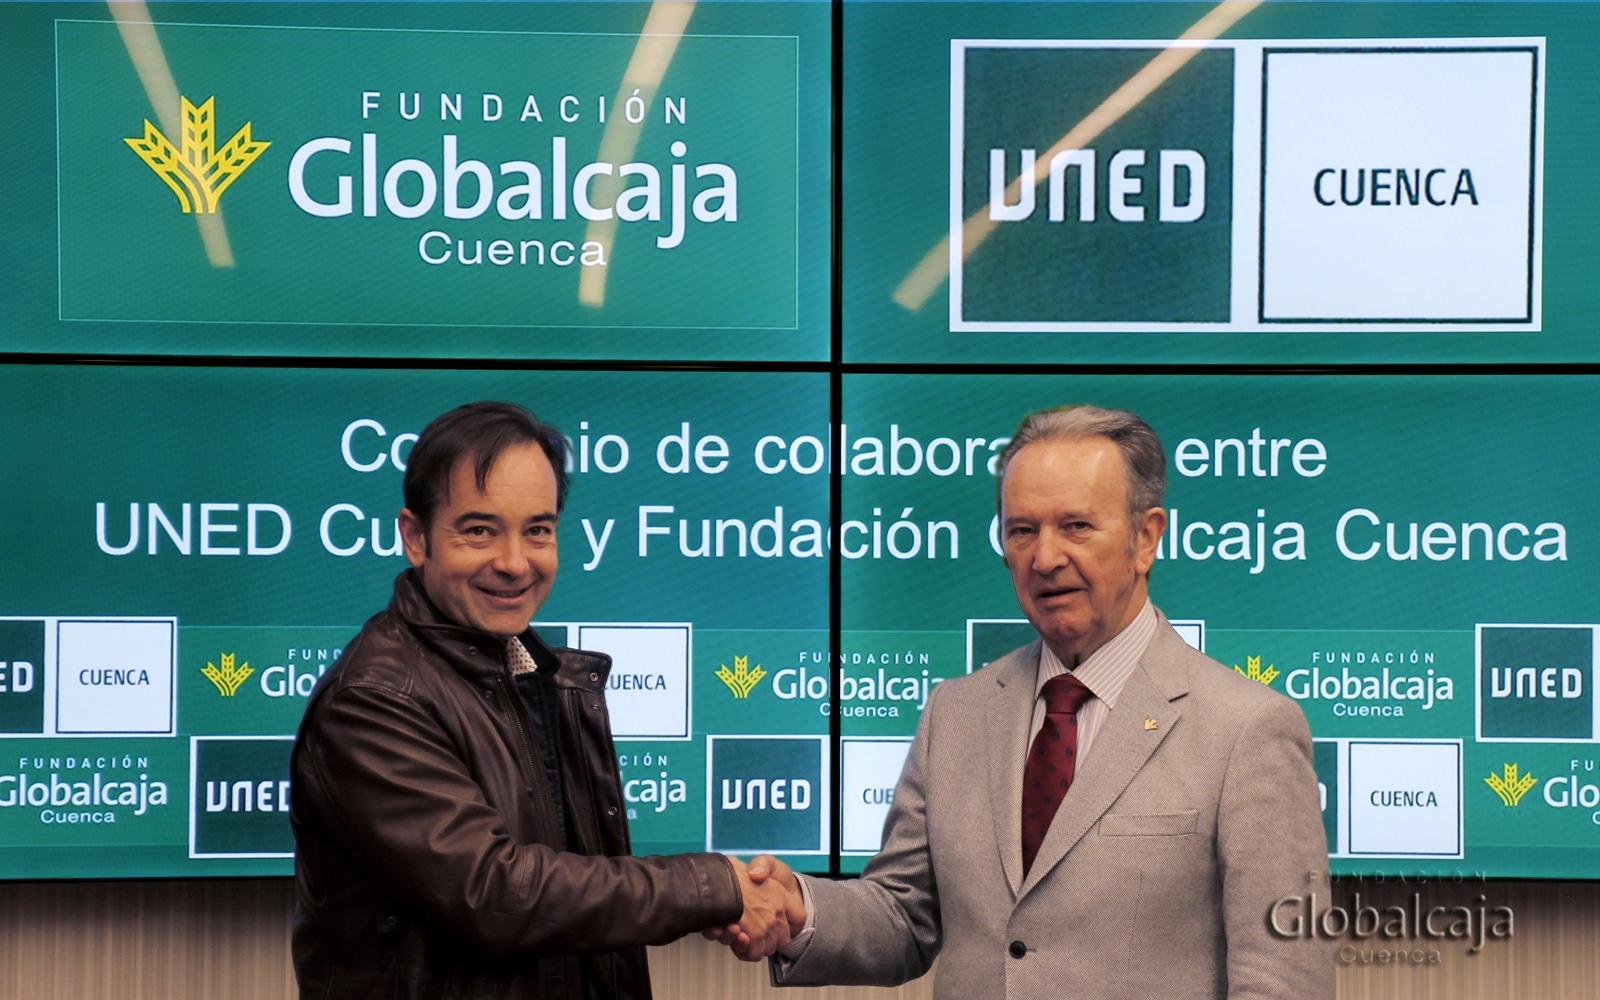 https://blog.globalcaja.es/wp-content/uploads/2017/11/uned-cuenca.jpg